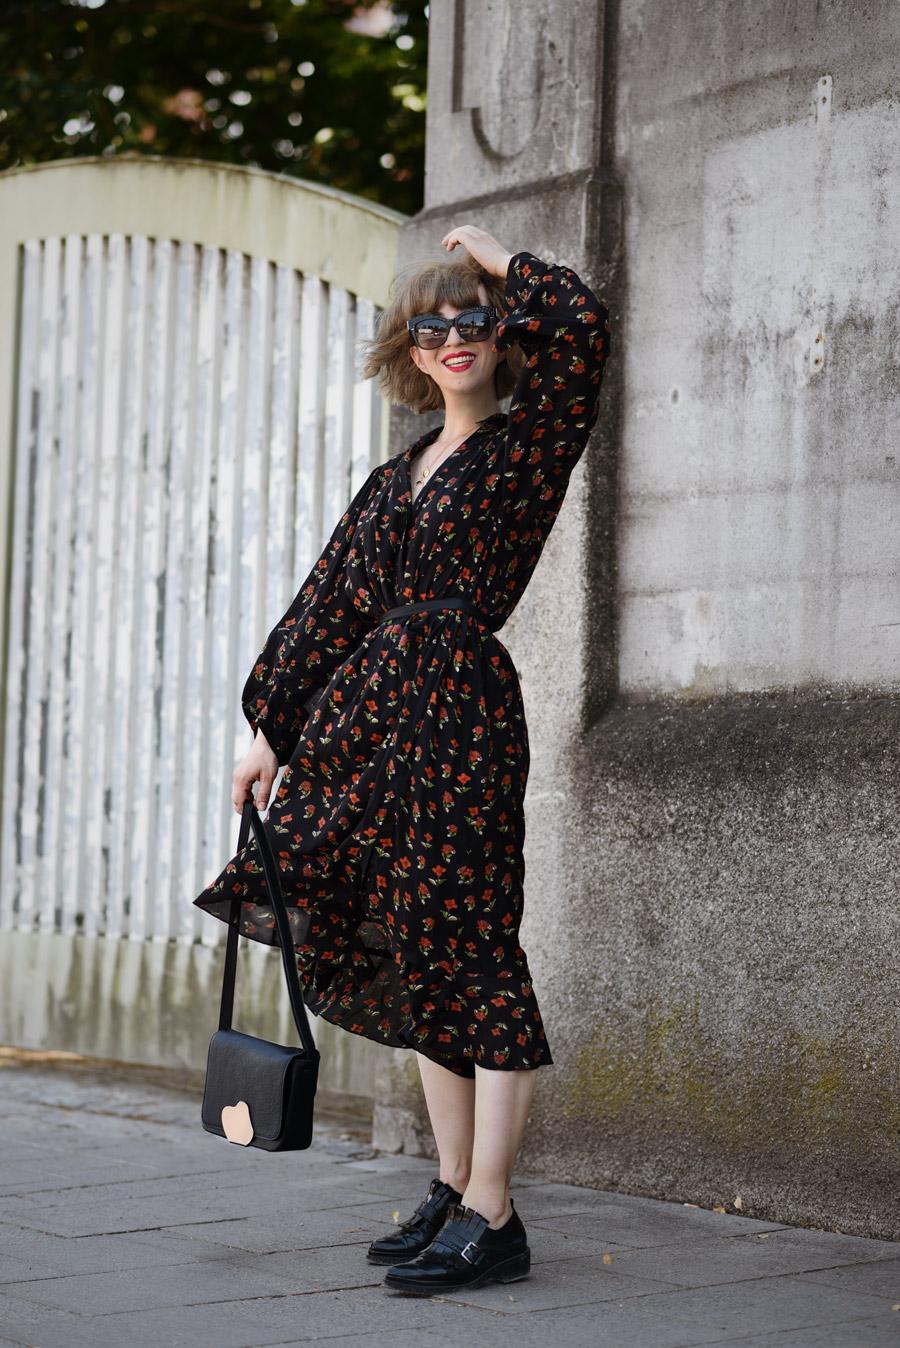 blumen, kleid, zara, sale, blogger, modeblog, fashionblog, muenchen, sommer, romantisch, streetstyle, look, ootd, haarschnitt